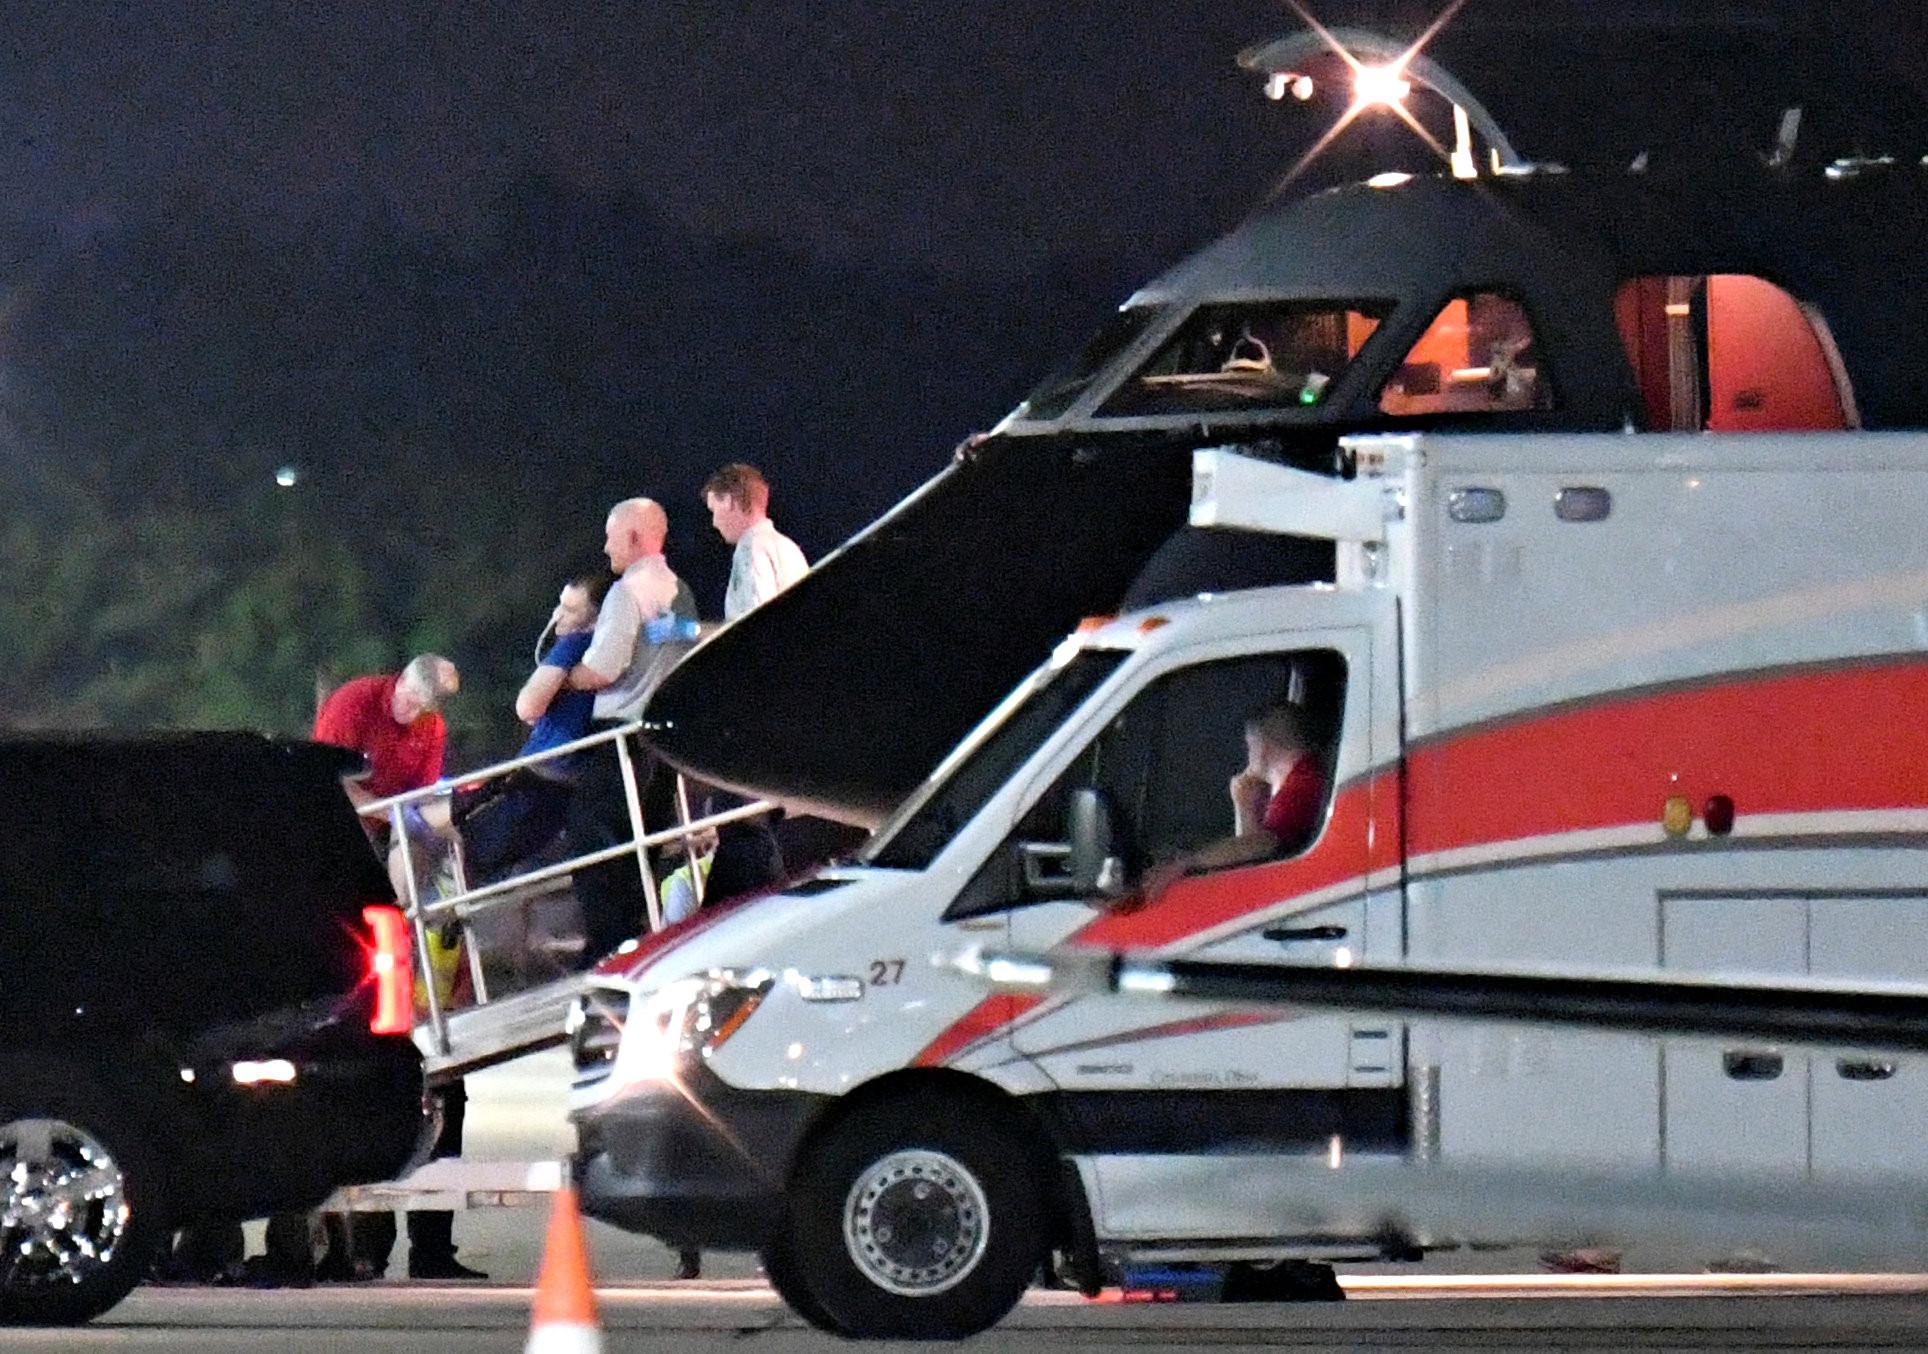 美大學生溫畢爾(Otto Warmbier)獲得北韓釋放,回國已成「神經受損」。(圖/路透社)